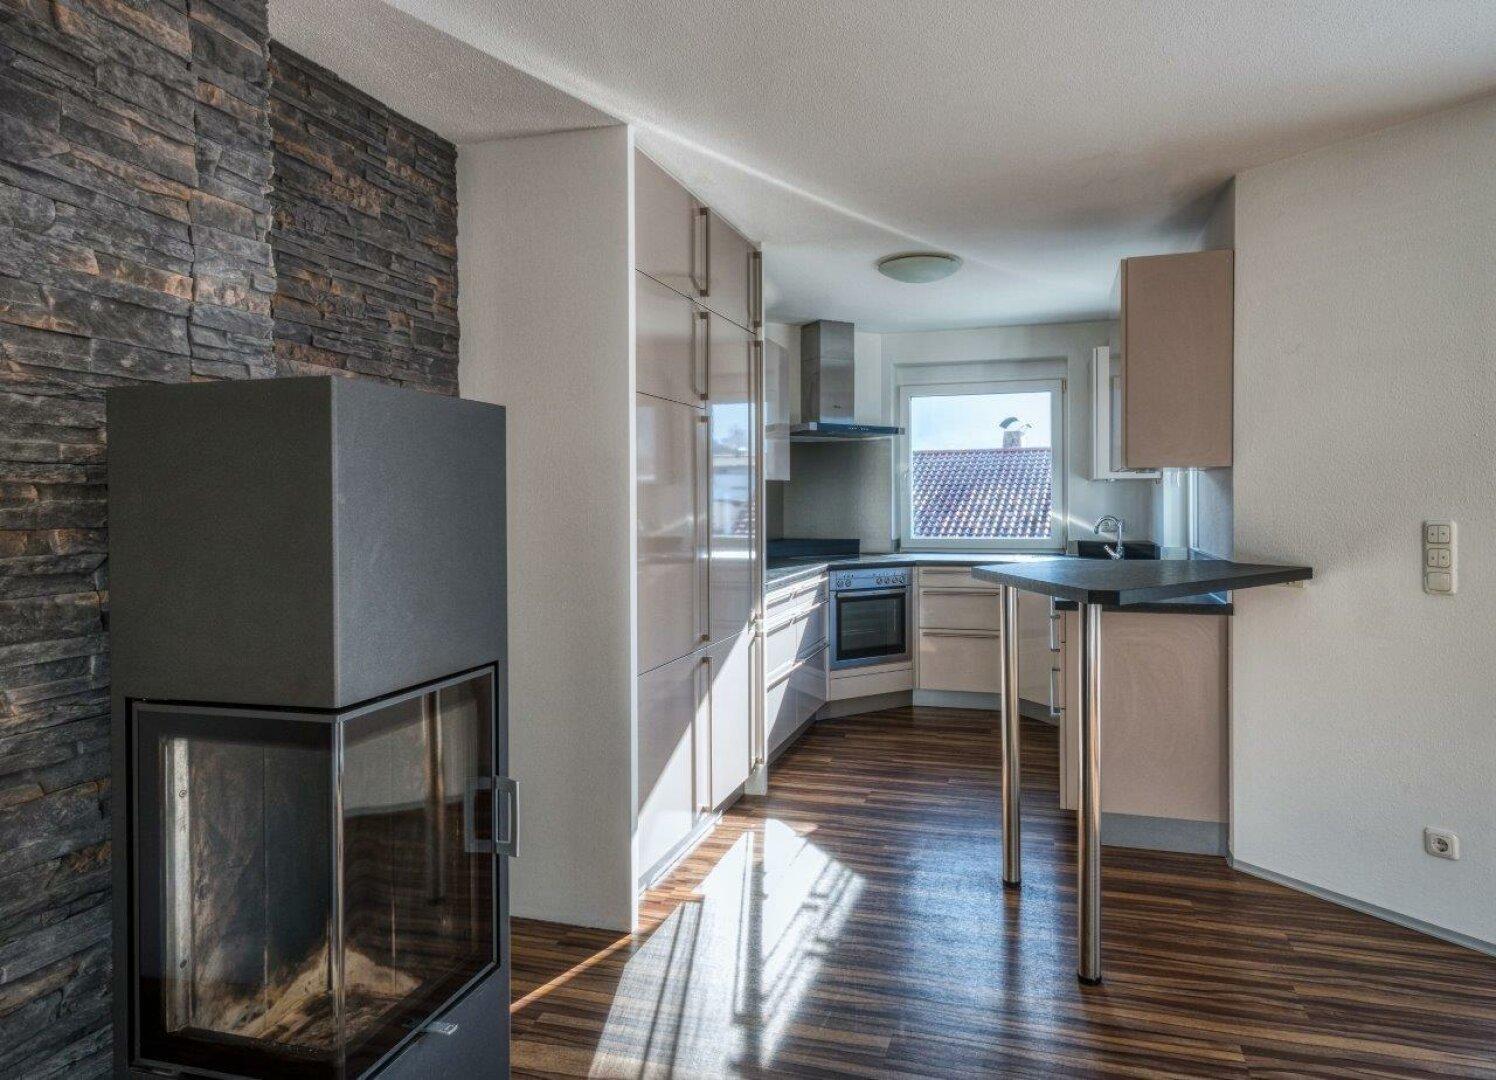 Küche und Speicherofen, 4-Zimmer Maisonette Wohnung, Schwoich